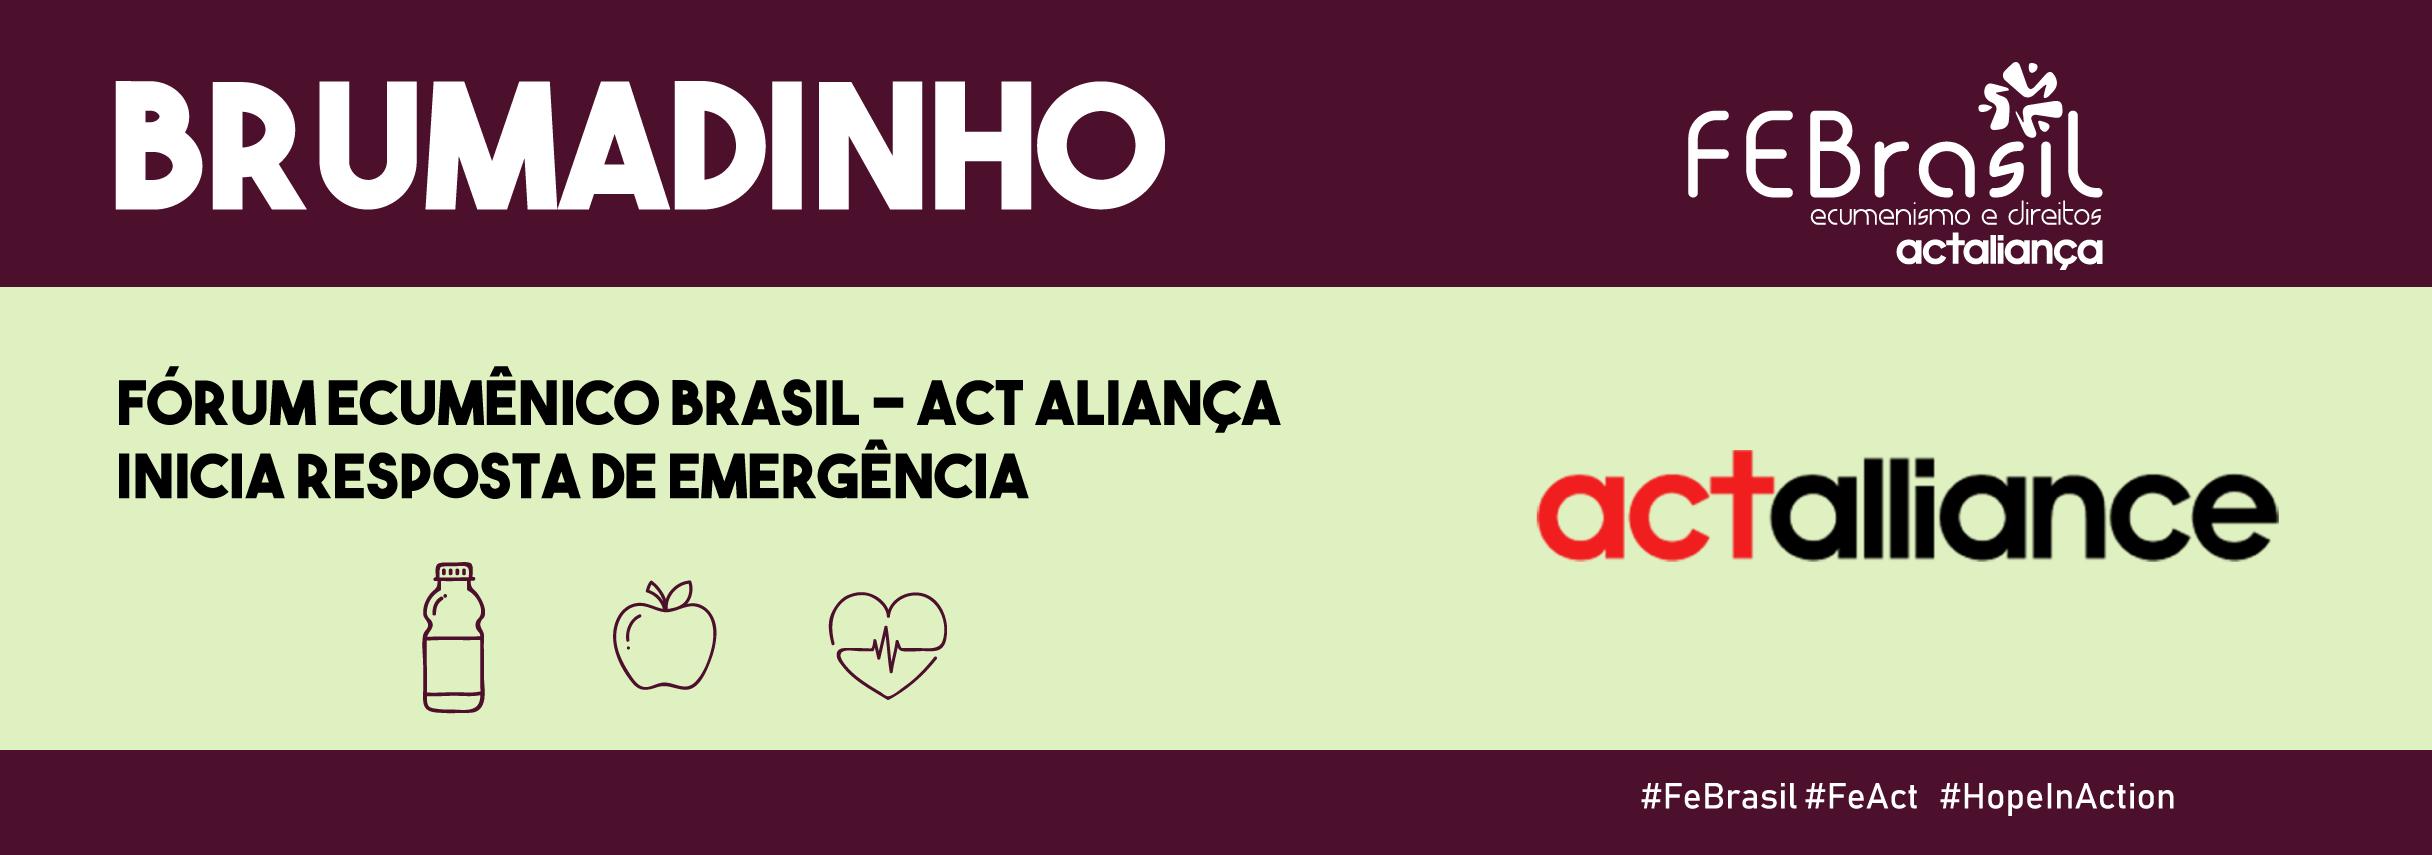 Fórum Ecumênico ACT Brasil atua com fundo de resposta rápida da ACT Aliança em Brumadinho